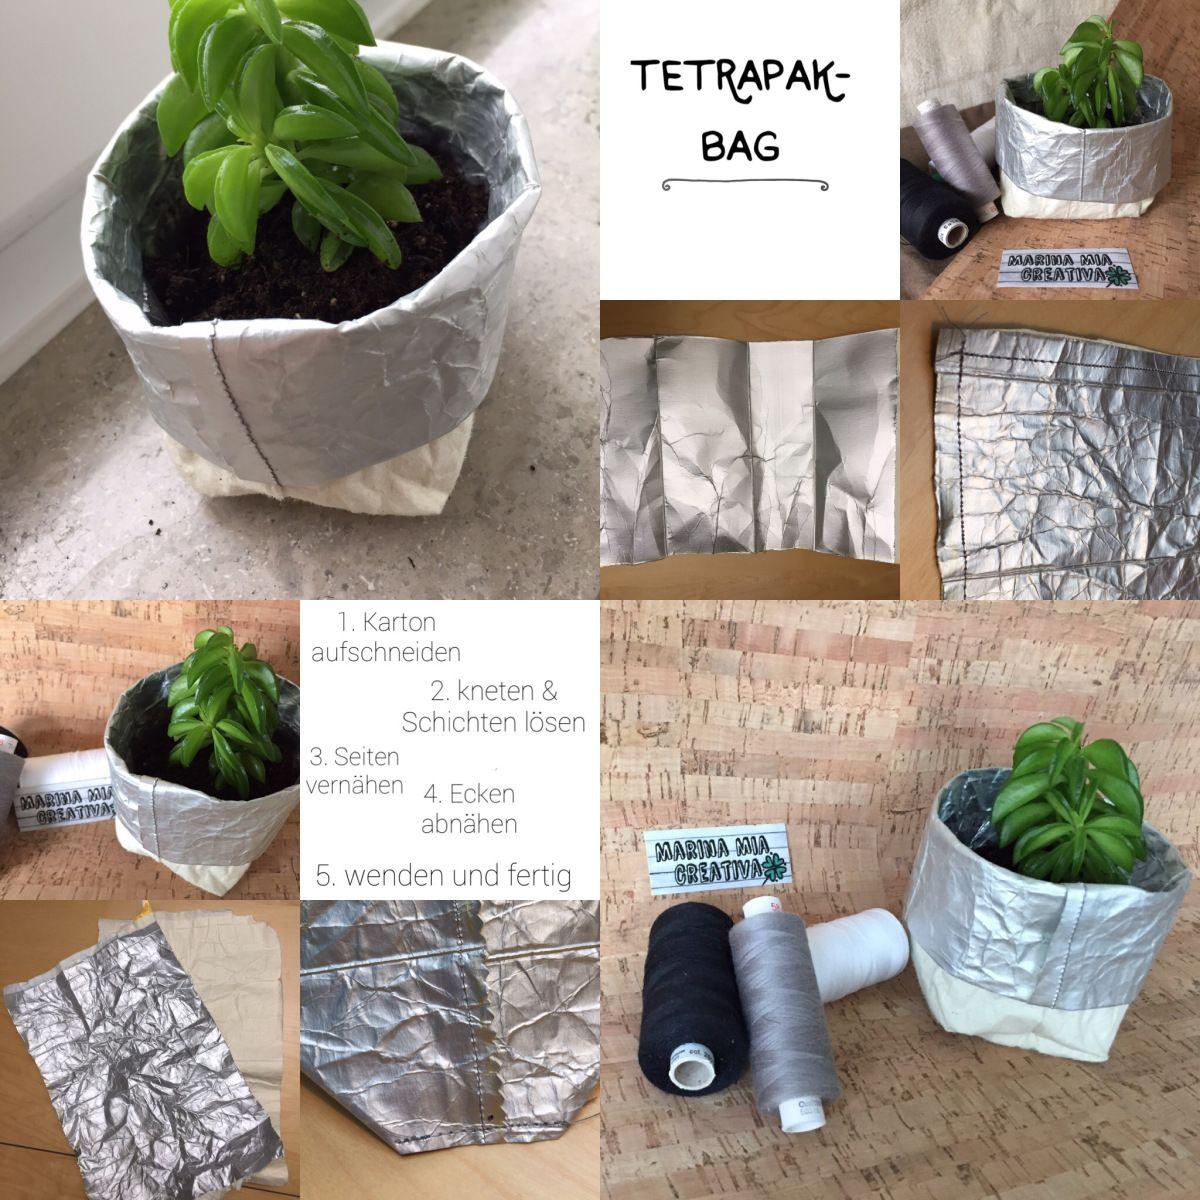 Tetrapak Bag